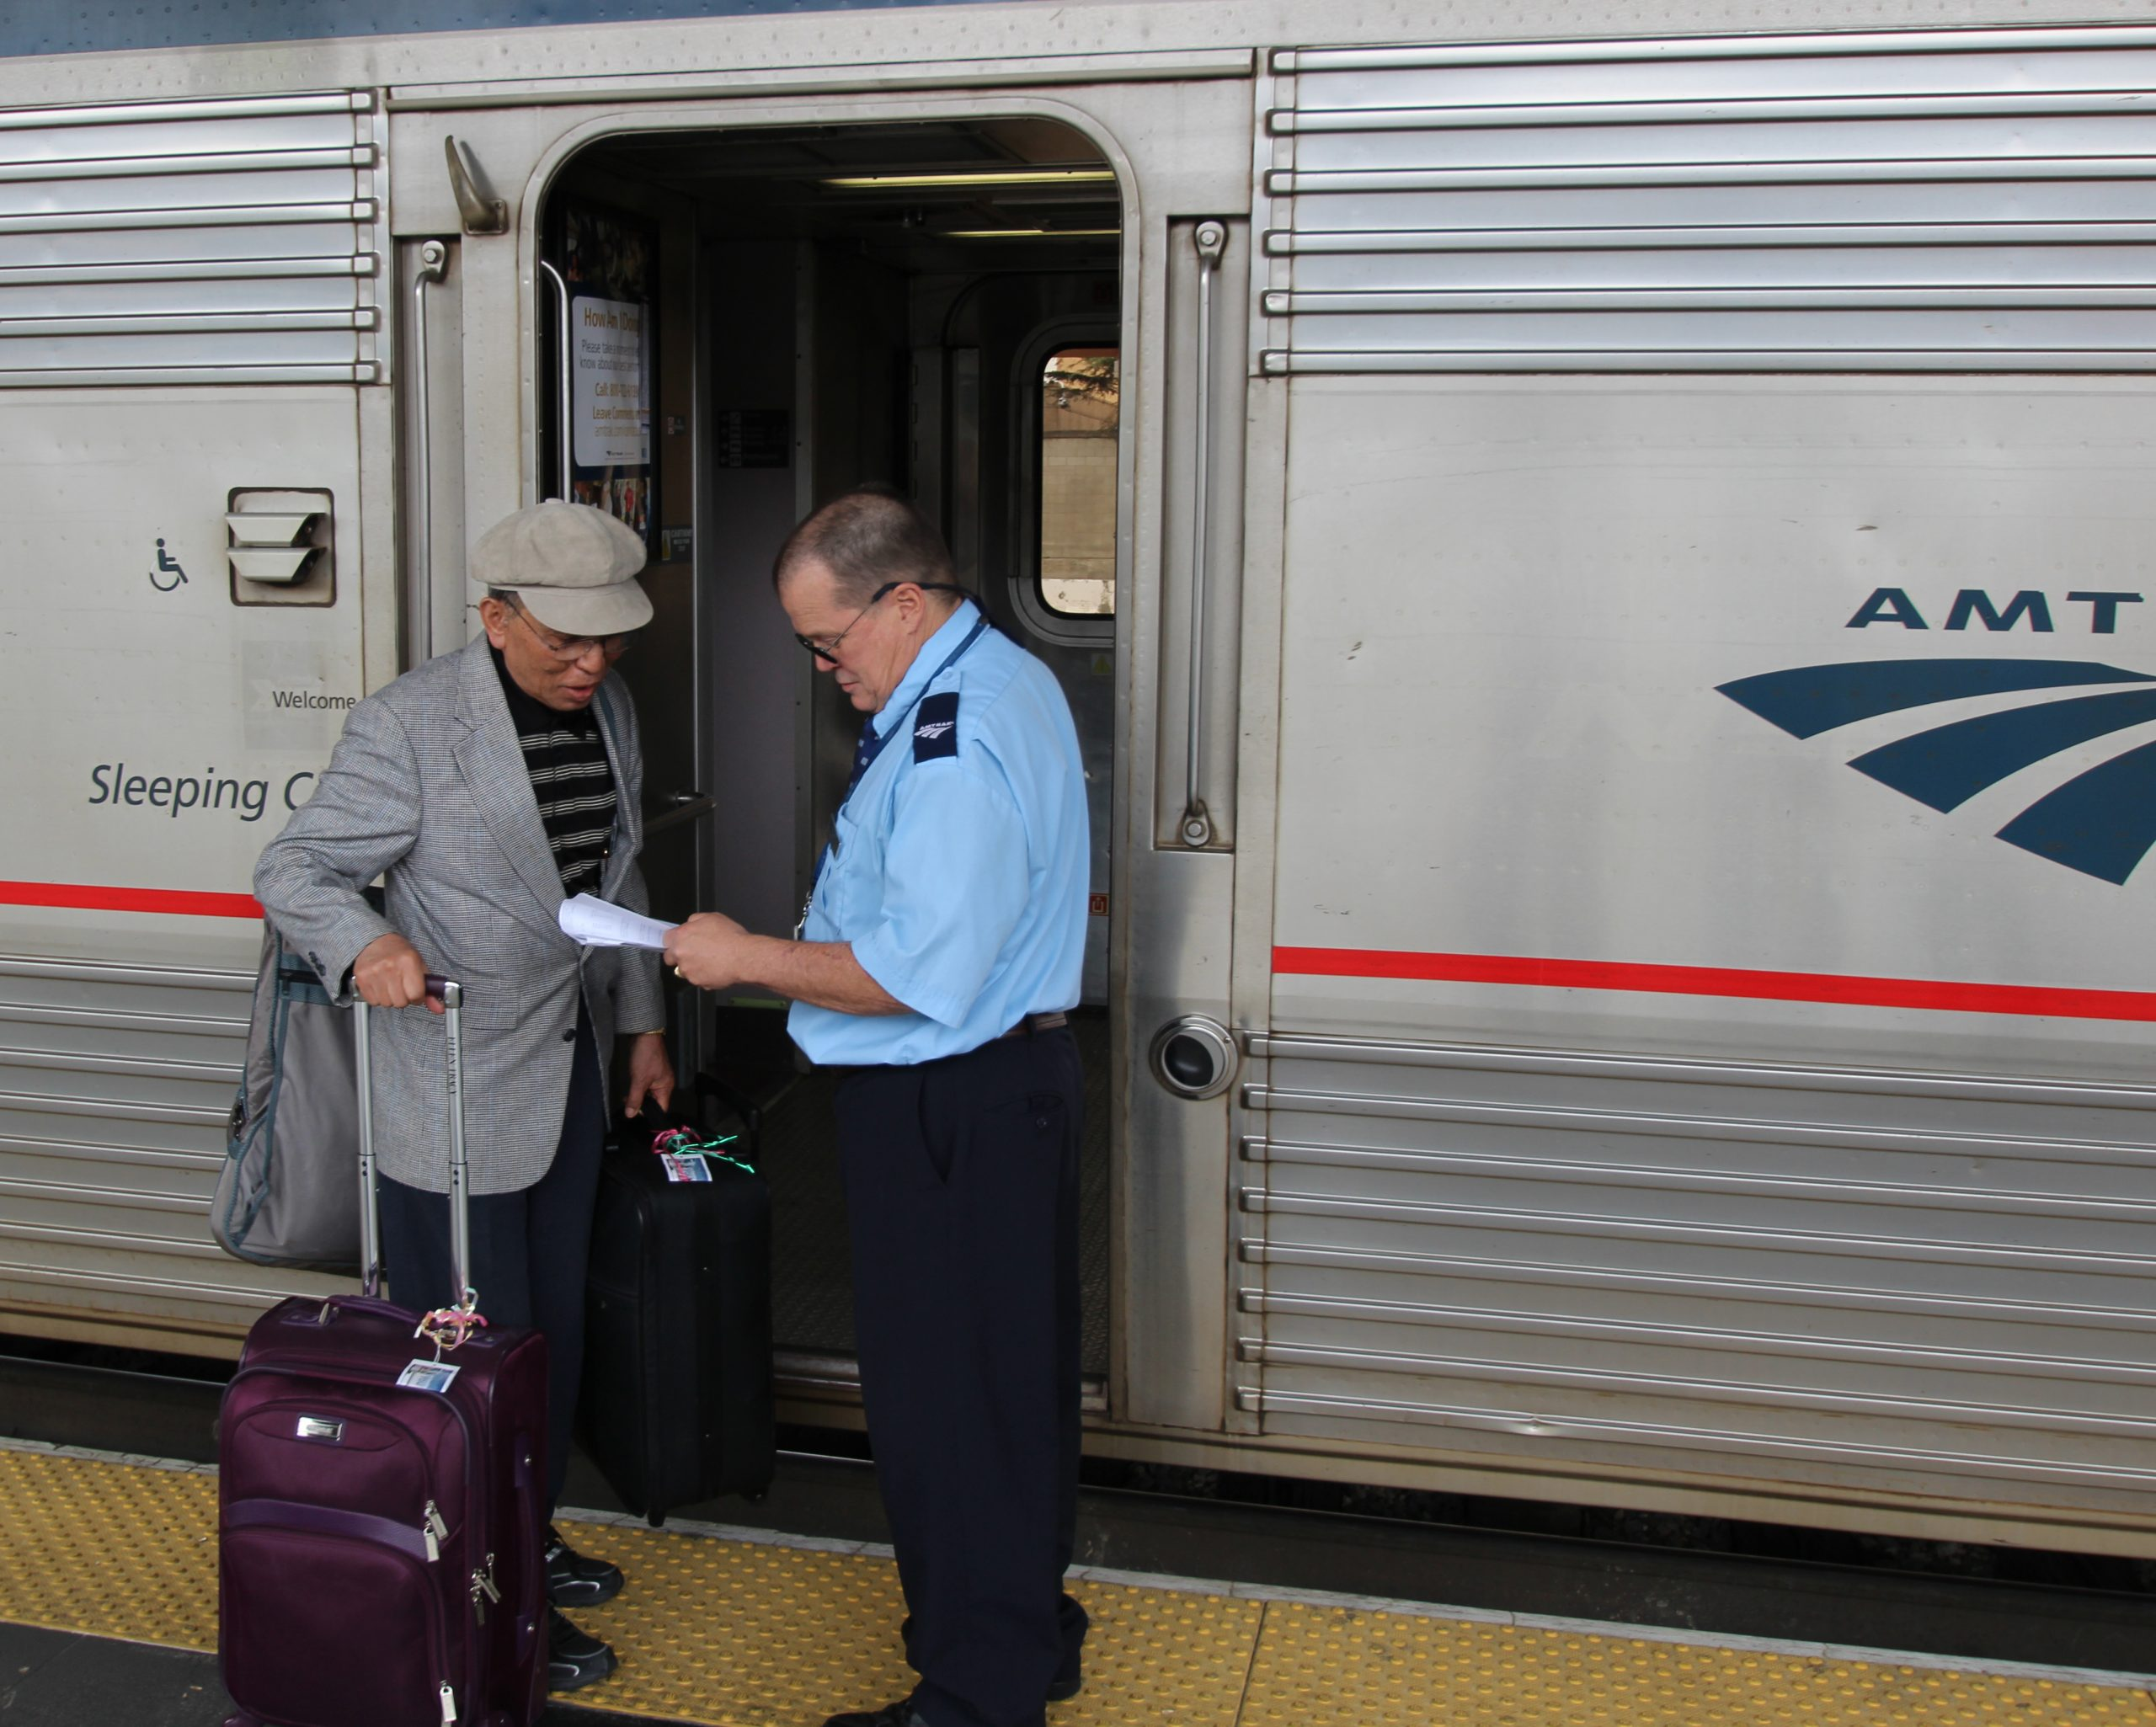 Amtrak Announces Mass Furloughs on Oct. 1st – Unless Congress Acts